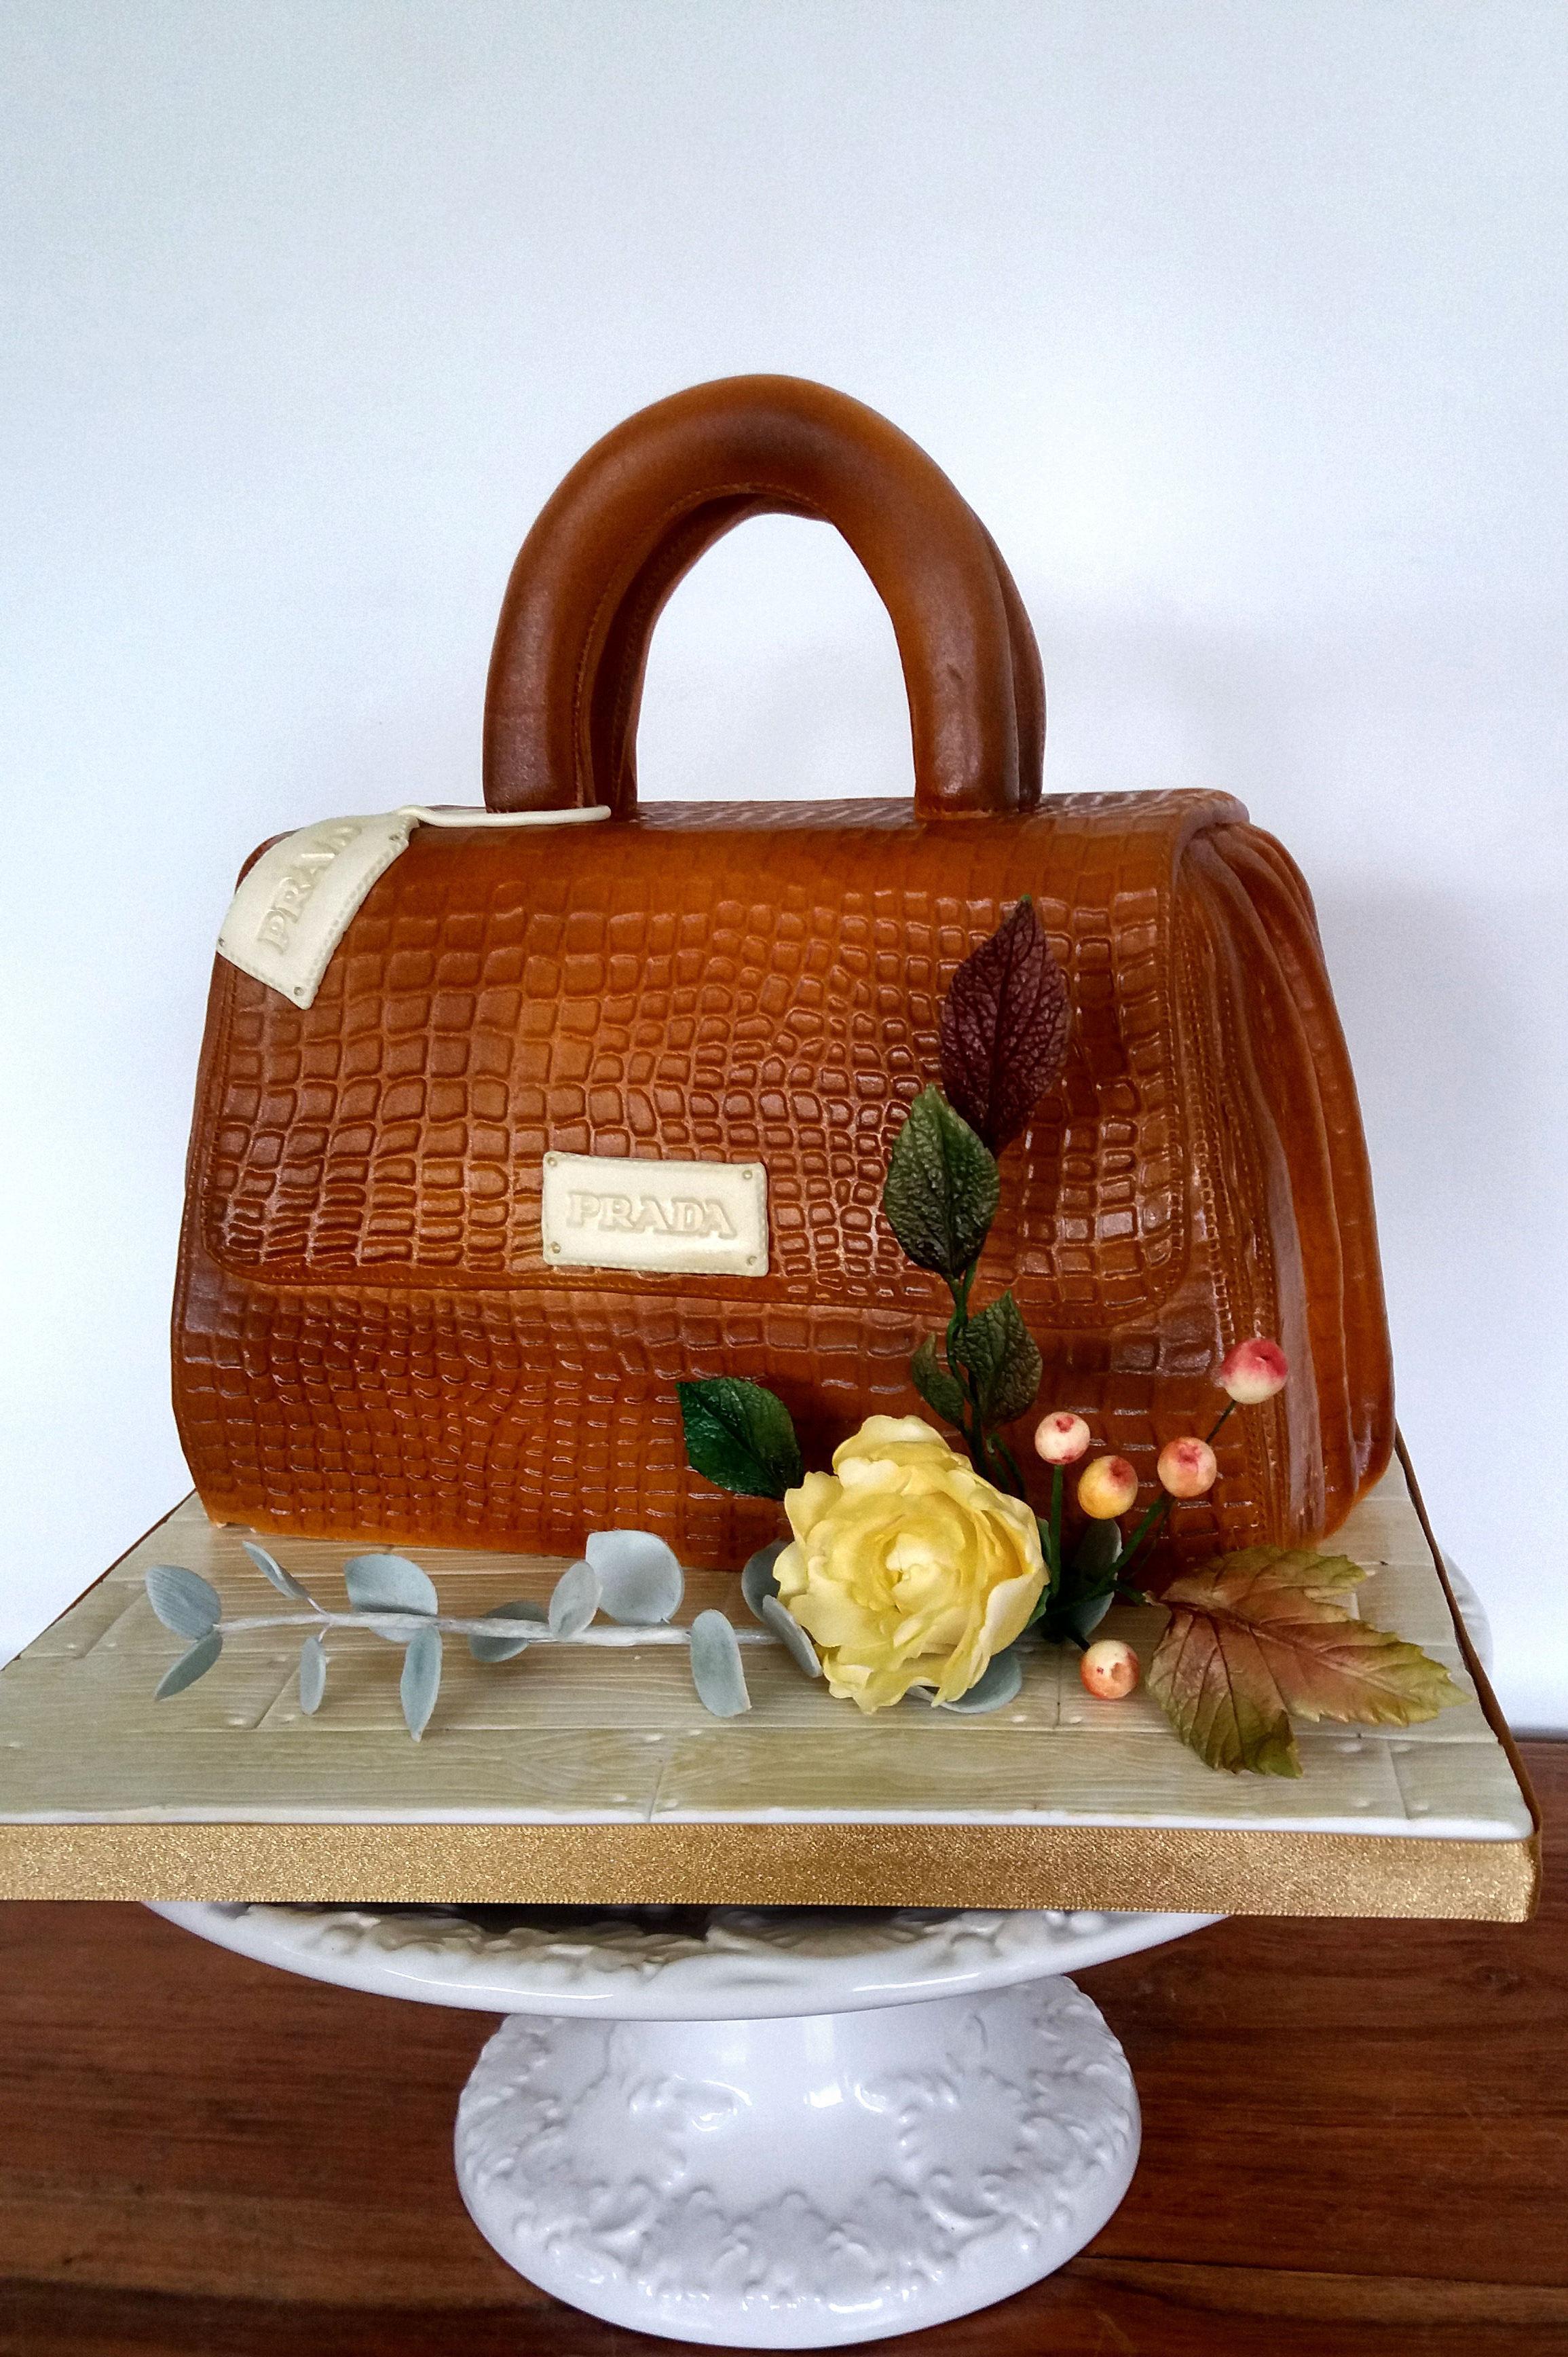 prada handbag cake.jpg